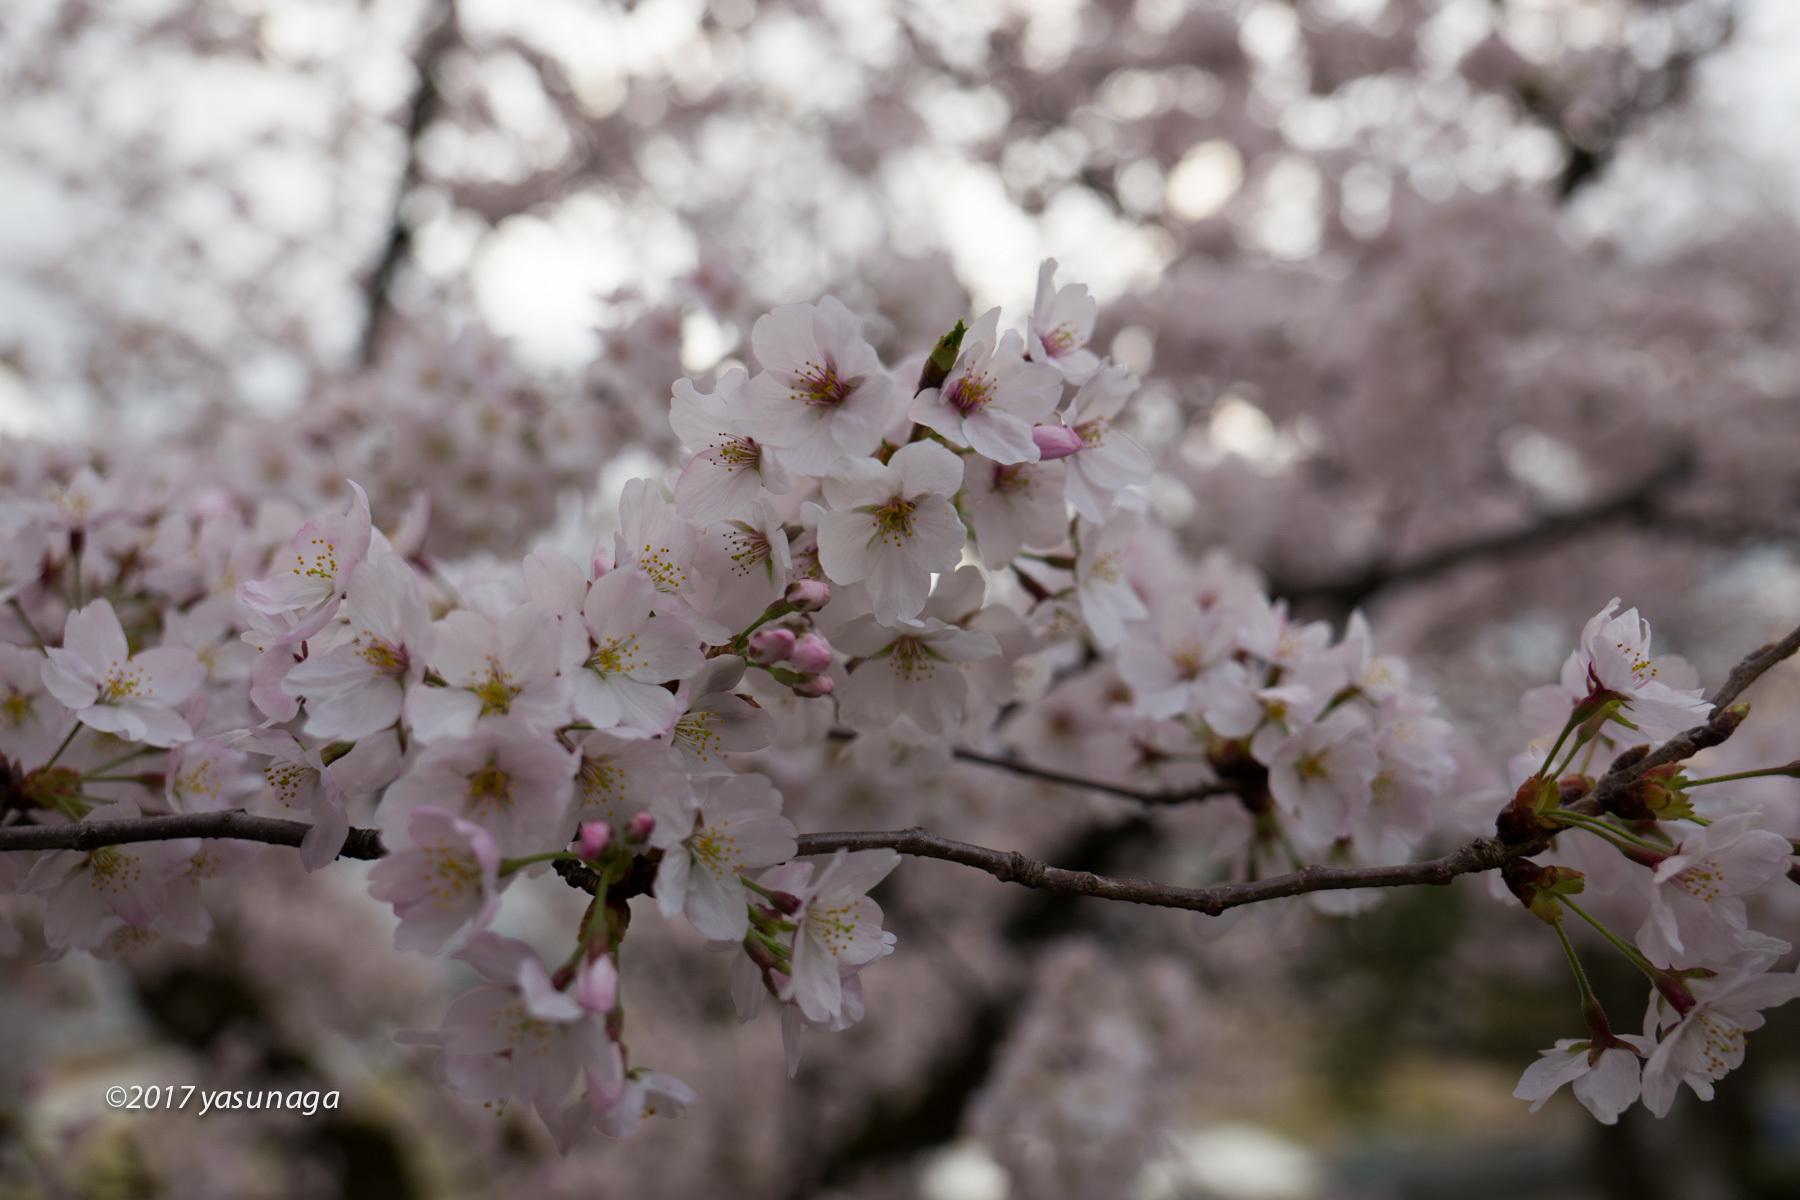 日曜日、市内を散歩。グリフィスと福井城_d0192712_19171898.jpg